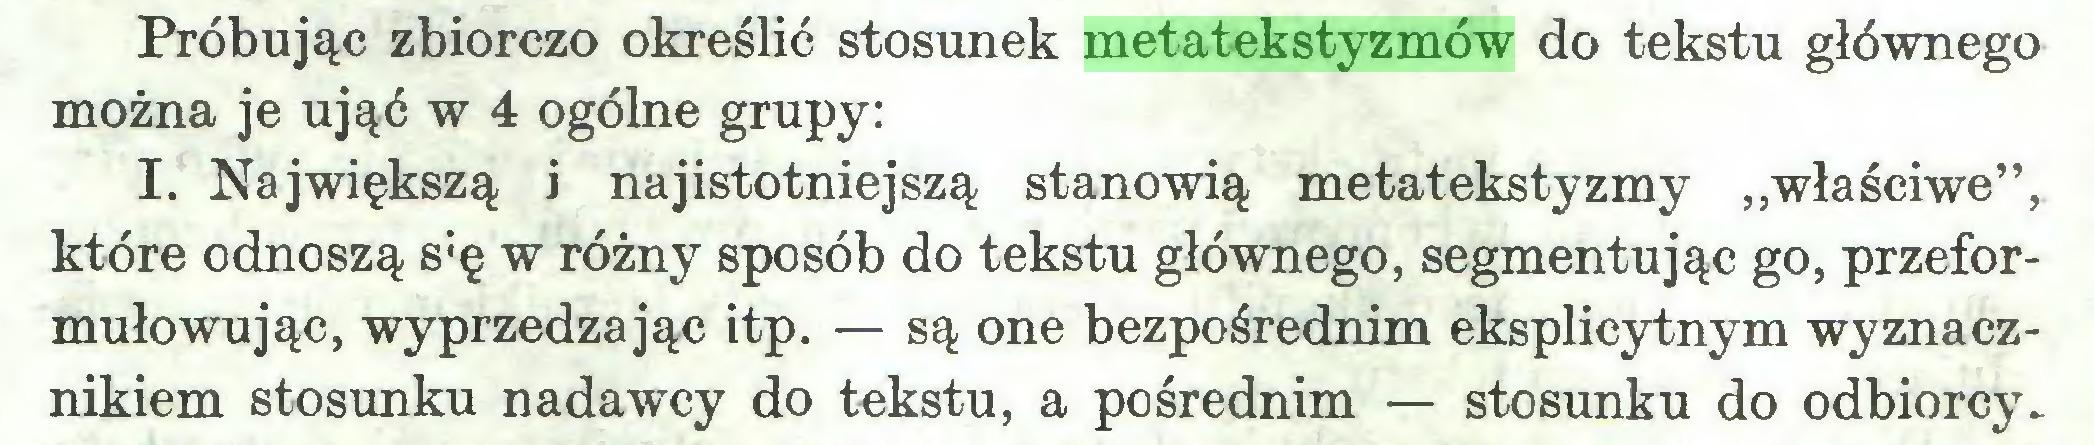 """(...) Próbując zbiorczo określić stosunek metatekstyzmów do tekstu głównego można je ująć w 4 ogólne grupy: I. Największą i najistotniejszą stanowią metatekstyzmy """"właściwe"""", które odnoszą s:ę w różny sposób do tekstu głównego, segmentując go, przeformułowując, wyprzedzając itp. — są one bezpośrednim eksplicytnym wyznacznikiem stosunku nadawcy do tekstu, a pośrednim — stosunku do odbiorcy..."""